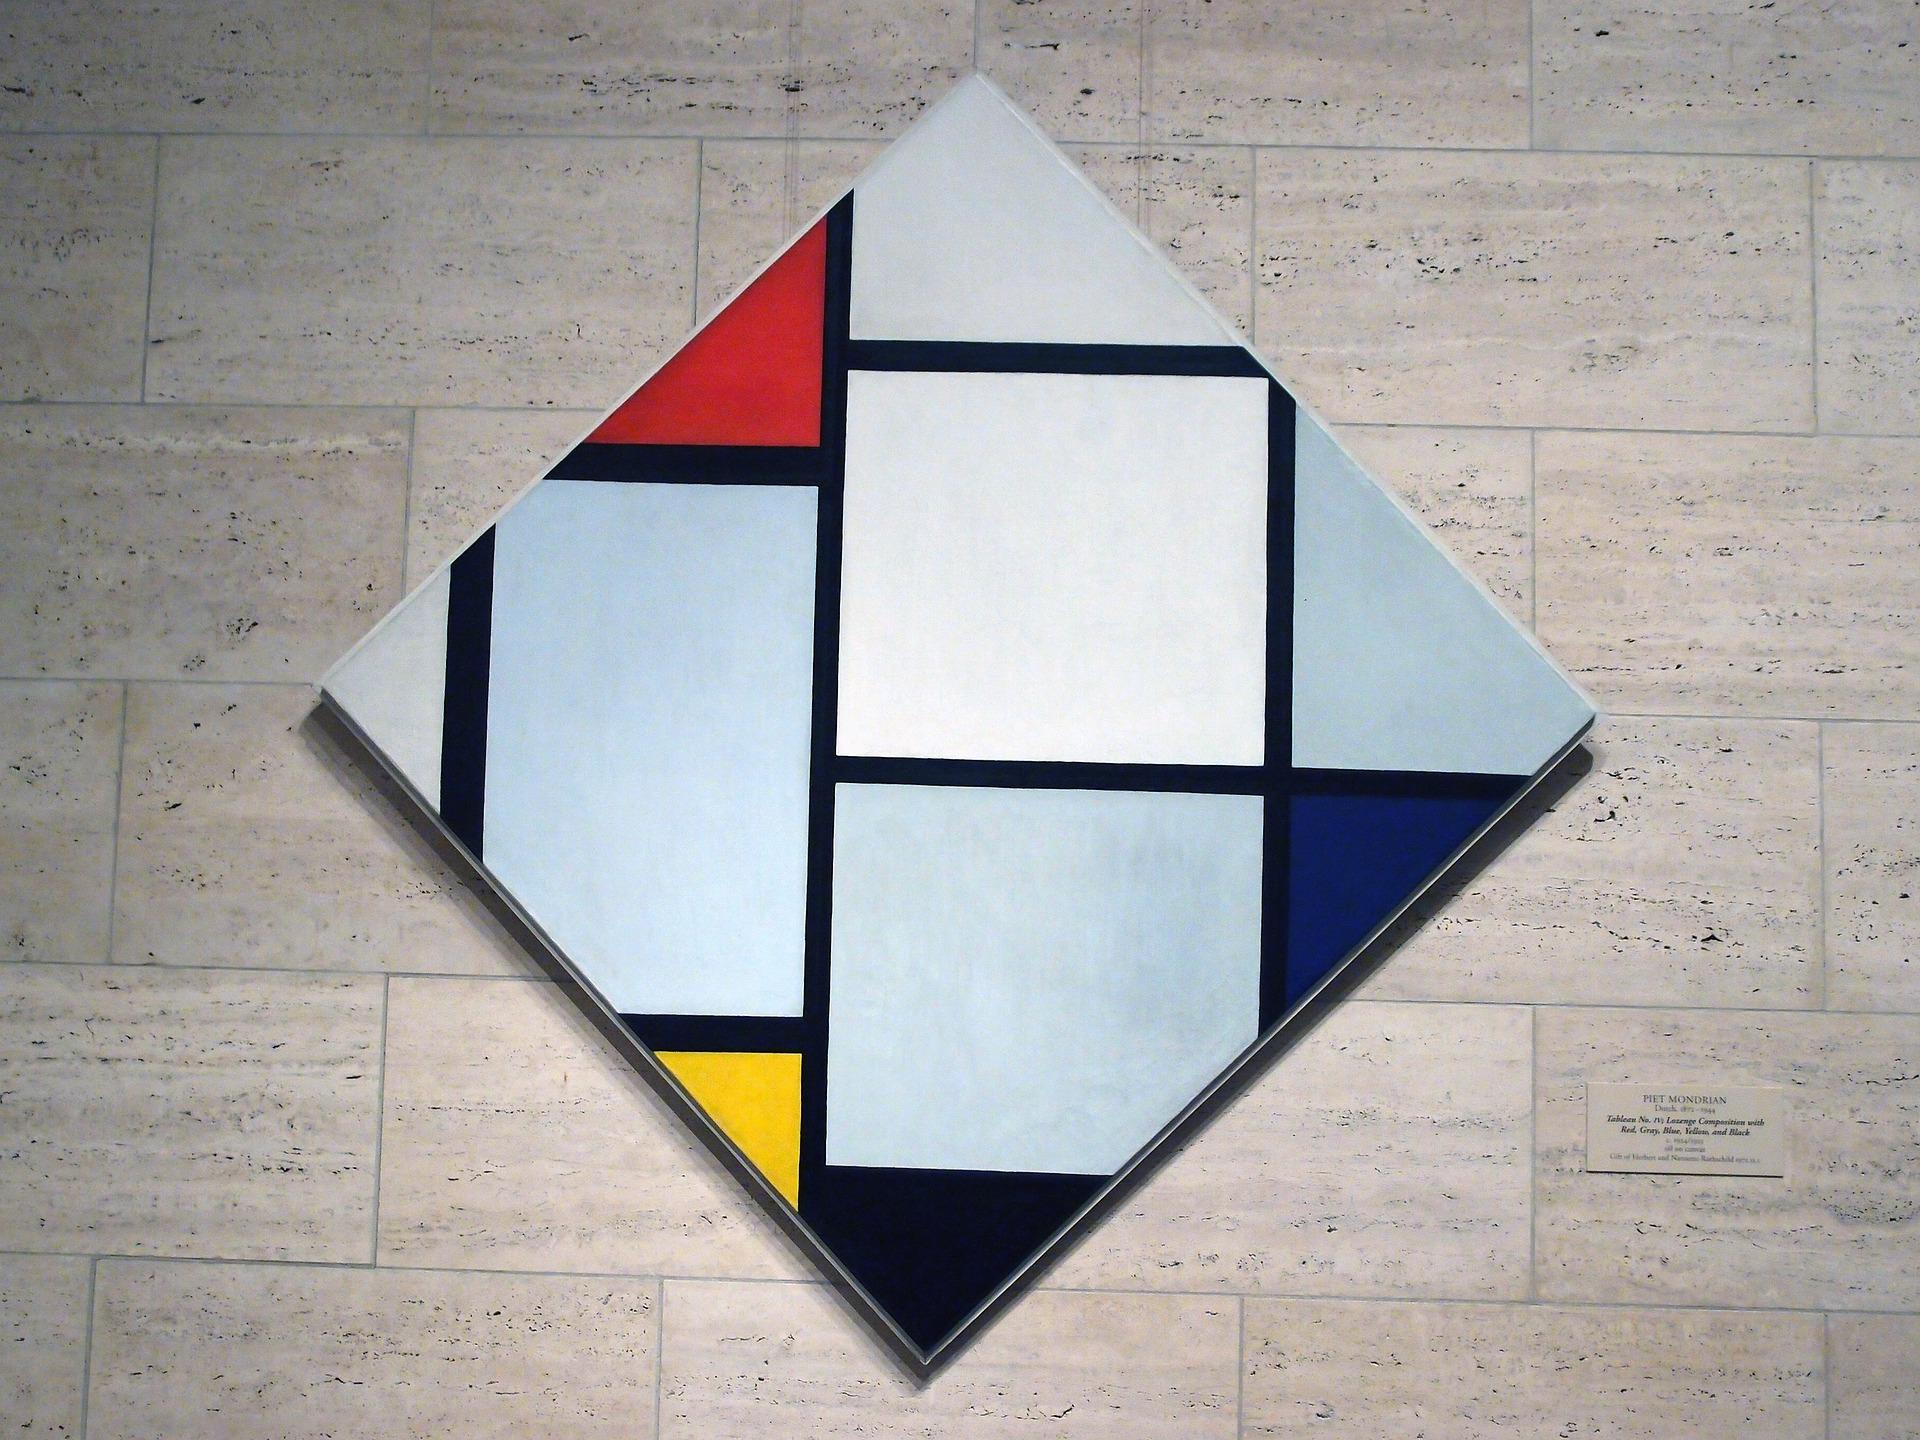 quadrados pintados